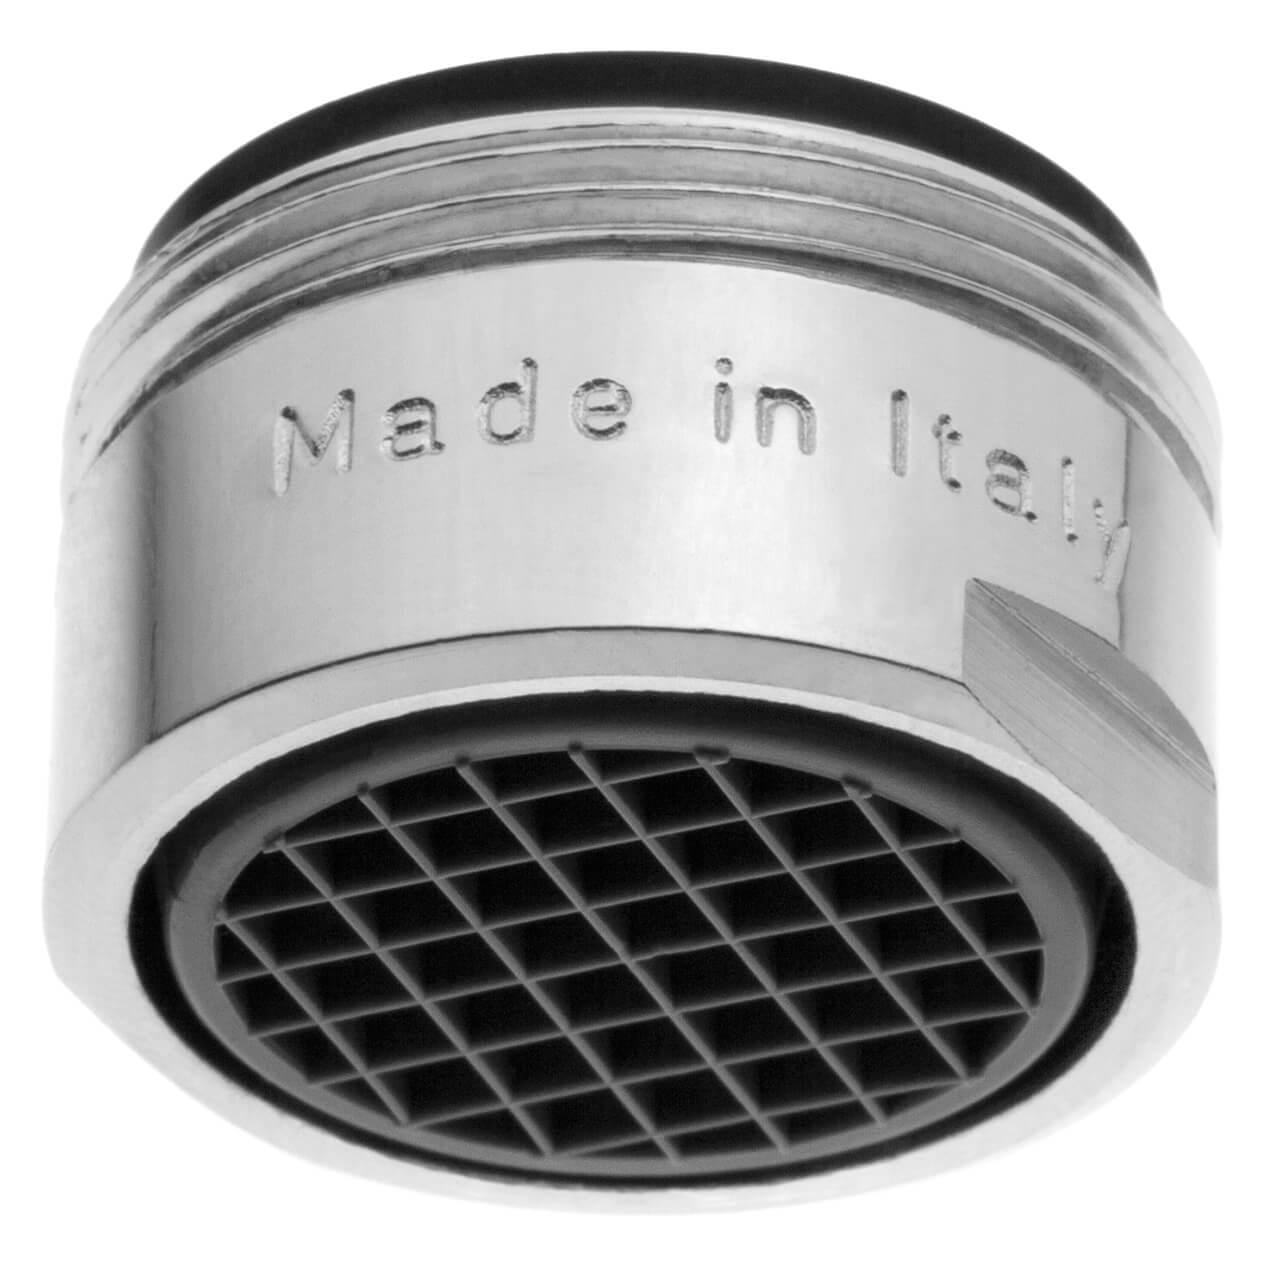 Strahlregler Terla FreeLime 2.5 l/min - Gewinde M24x1 äußerer - beliebtesten